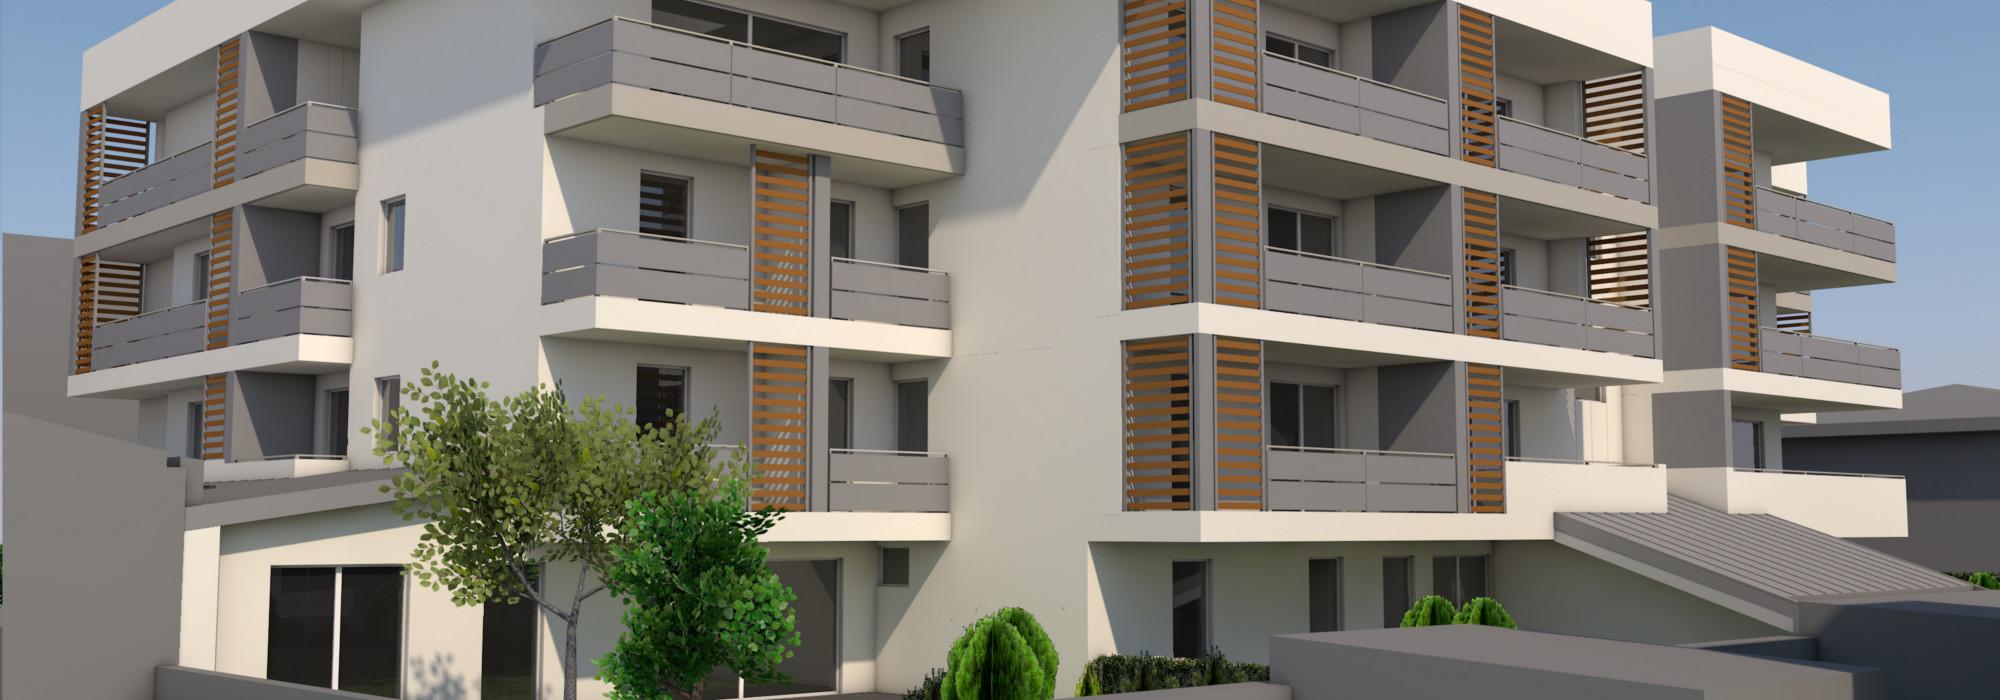 Nuova Residenza Jacopino – Via Jacopino, Rovereto (TN)